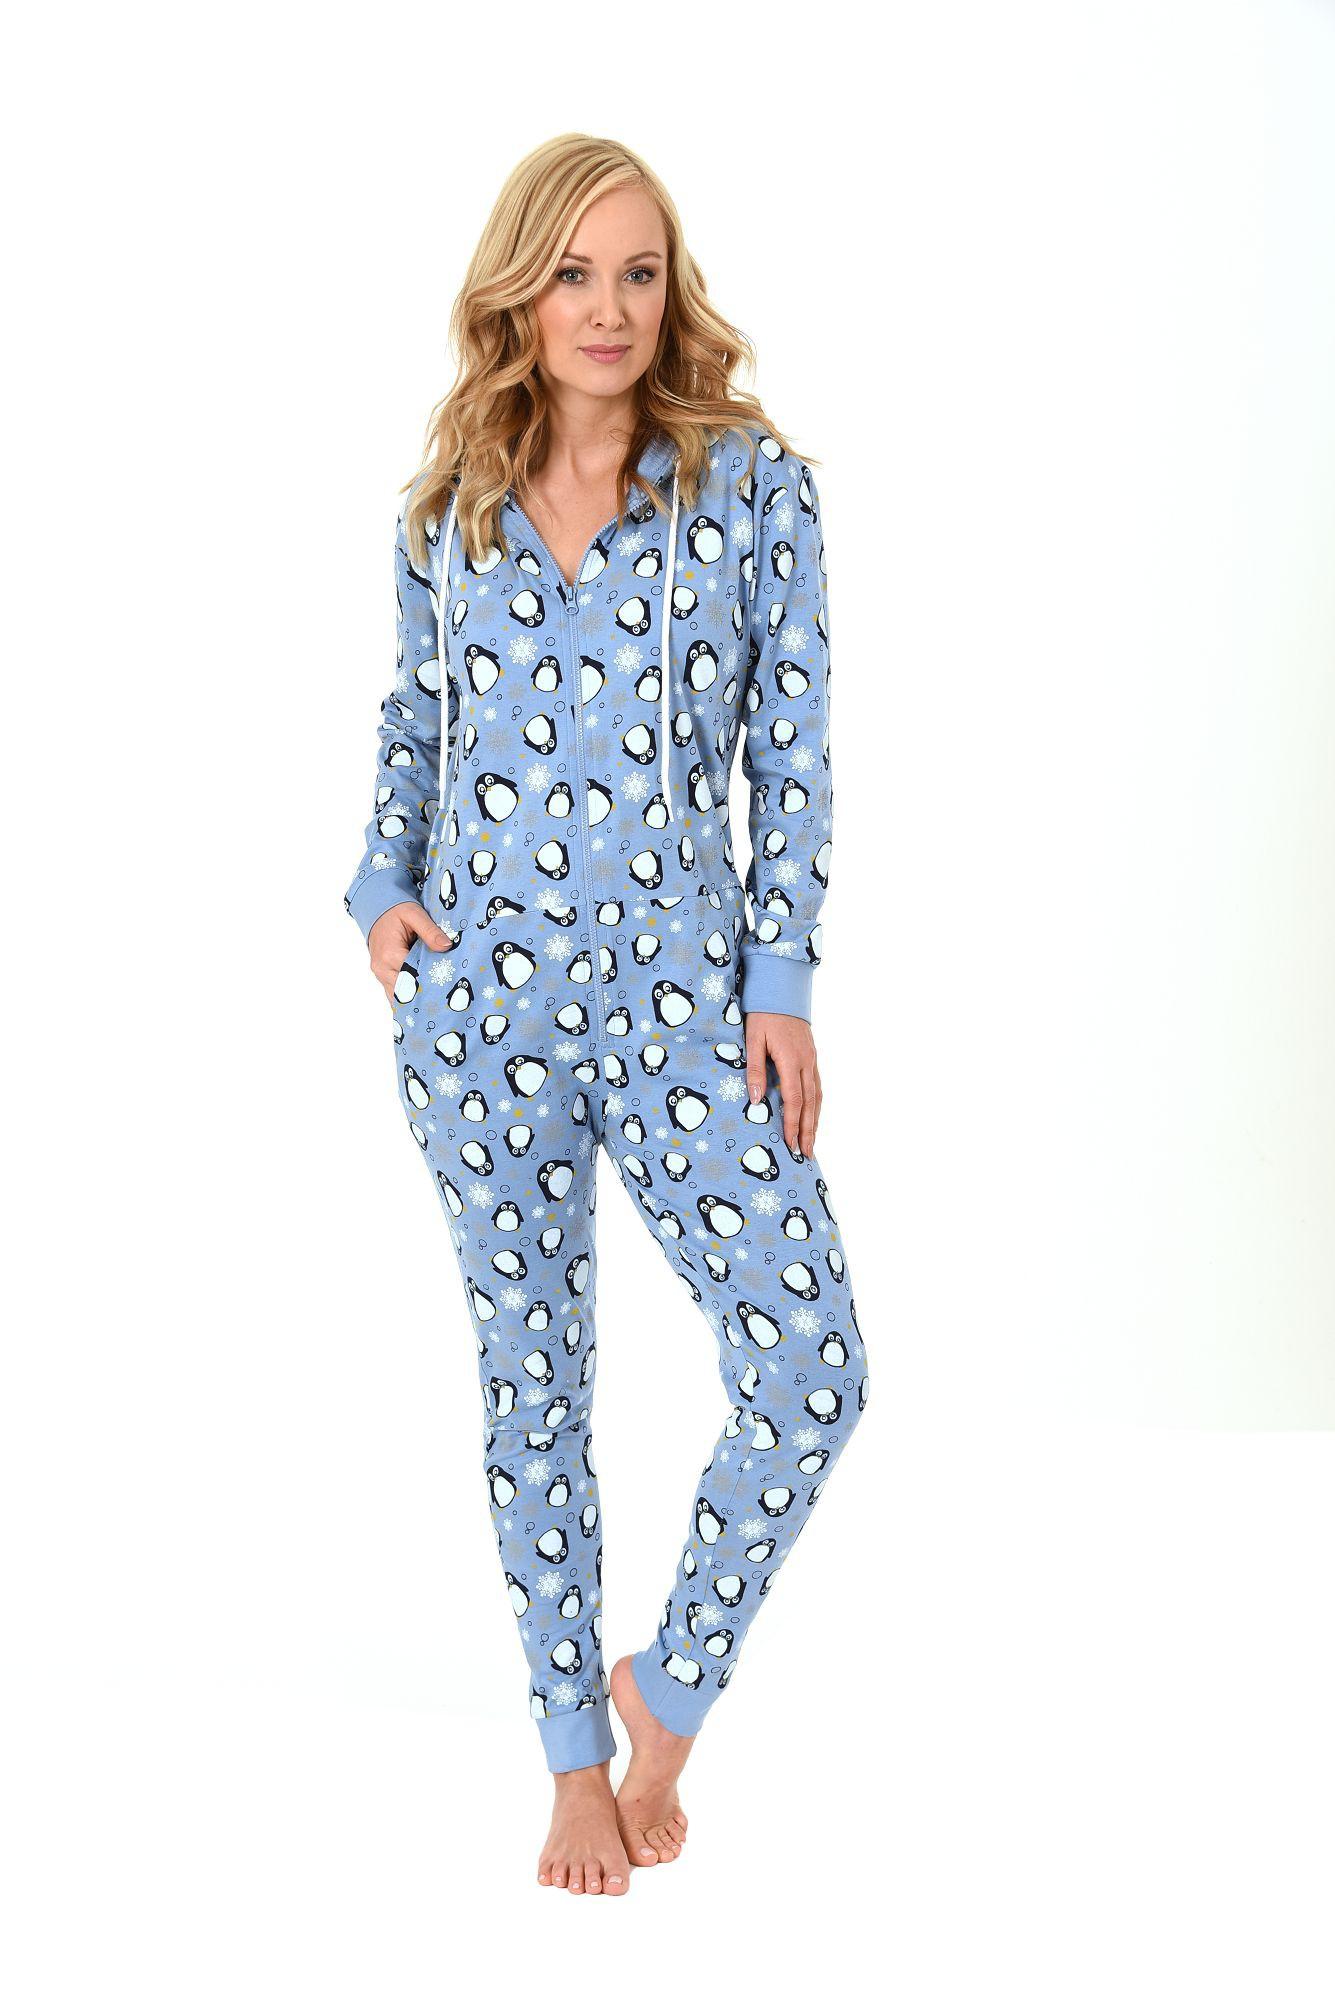 8ddae0692a283a Damen Schlafanzug Einteiler Jumpsuit Overall langarm – auch in Übergrössen  – mit tollen Motiv